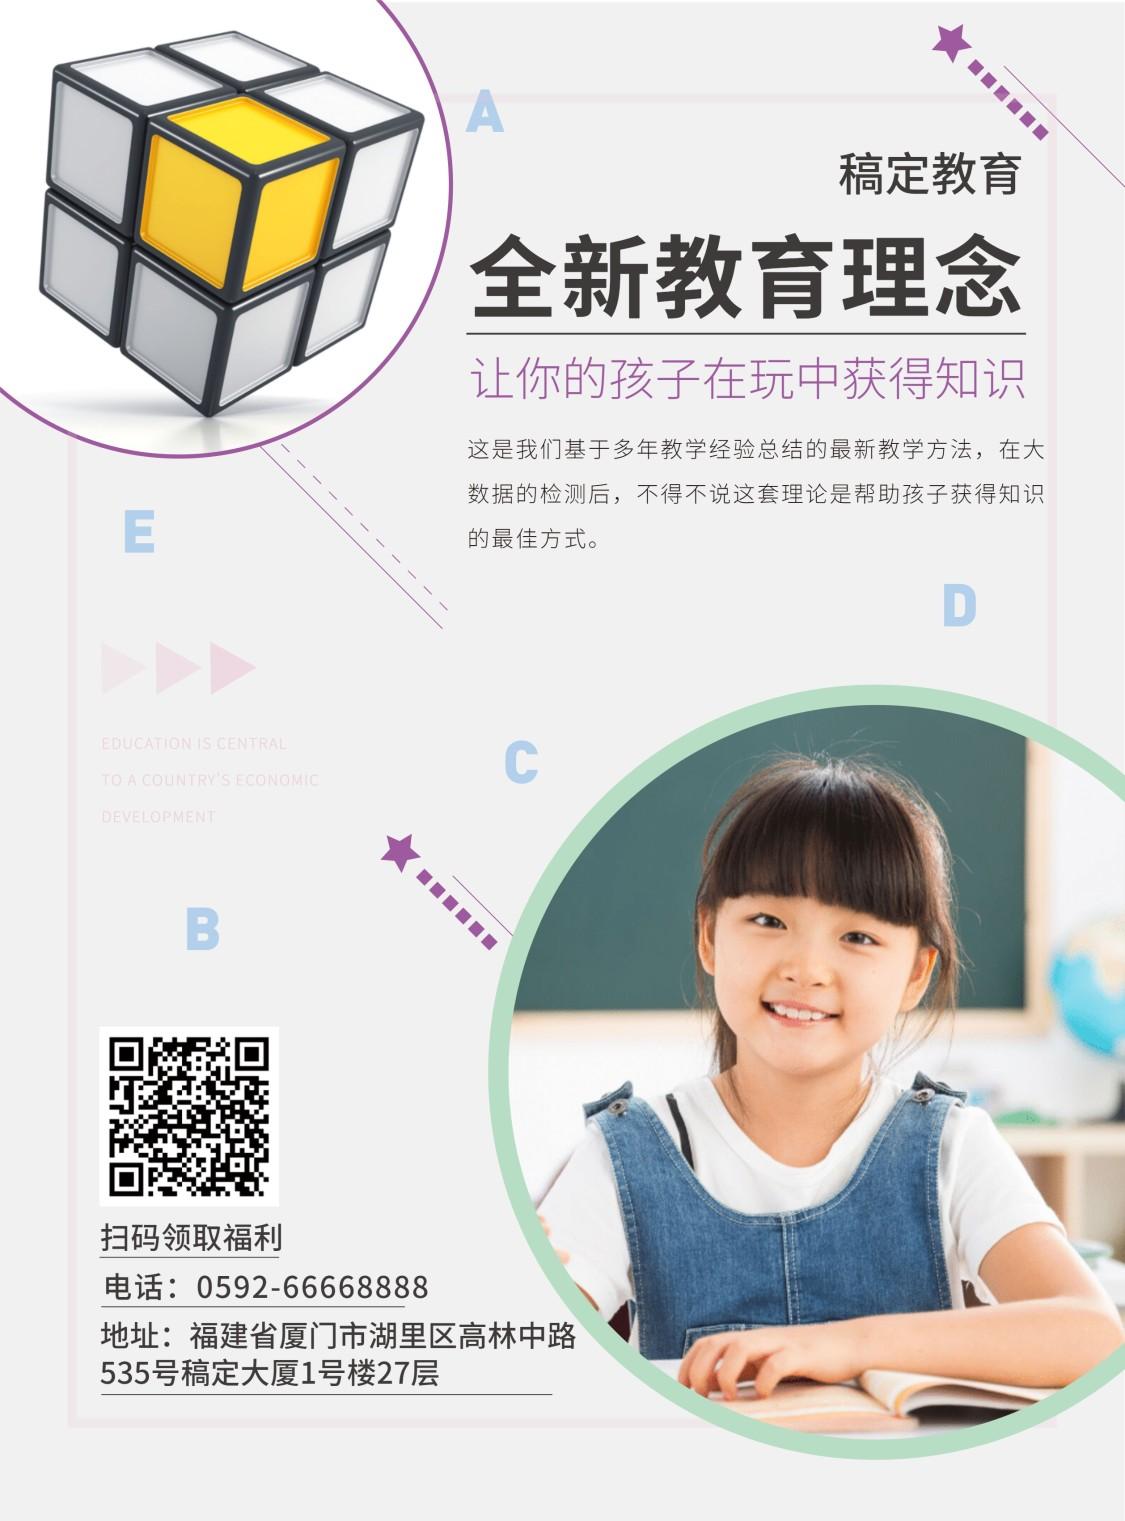 中小学教育/张贴海报